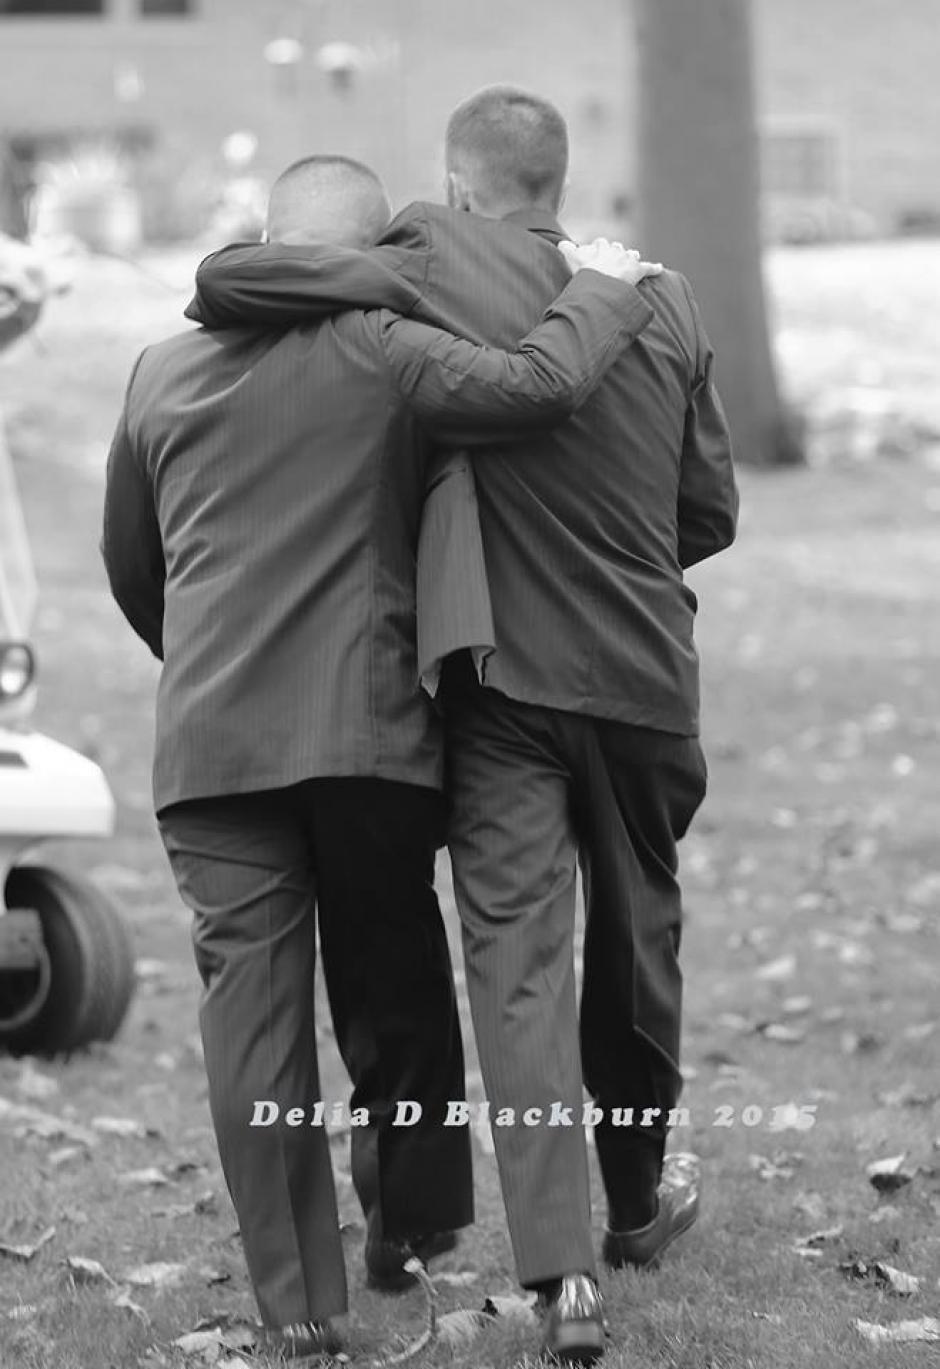 El padre y el padrastro de la novia la pudieron acompañar al altar en un gesto que fue aplaudido por todos. (Foto: Facebook Delia Blackburn)